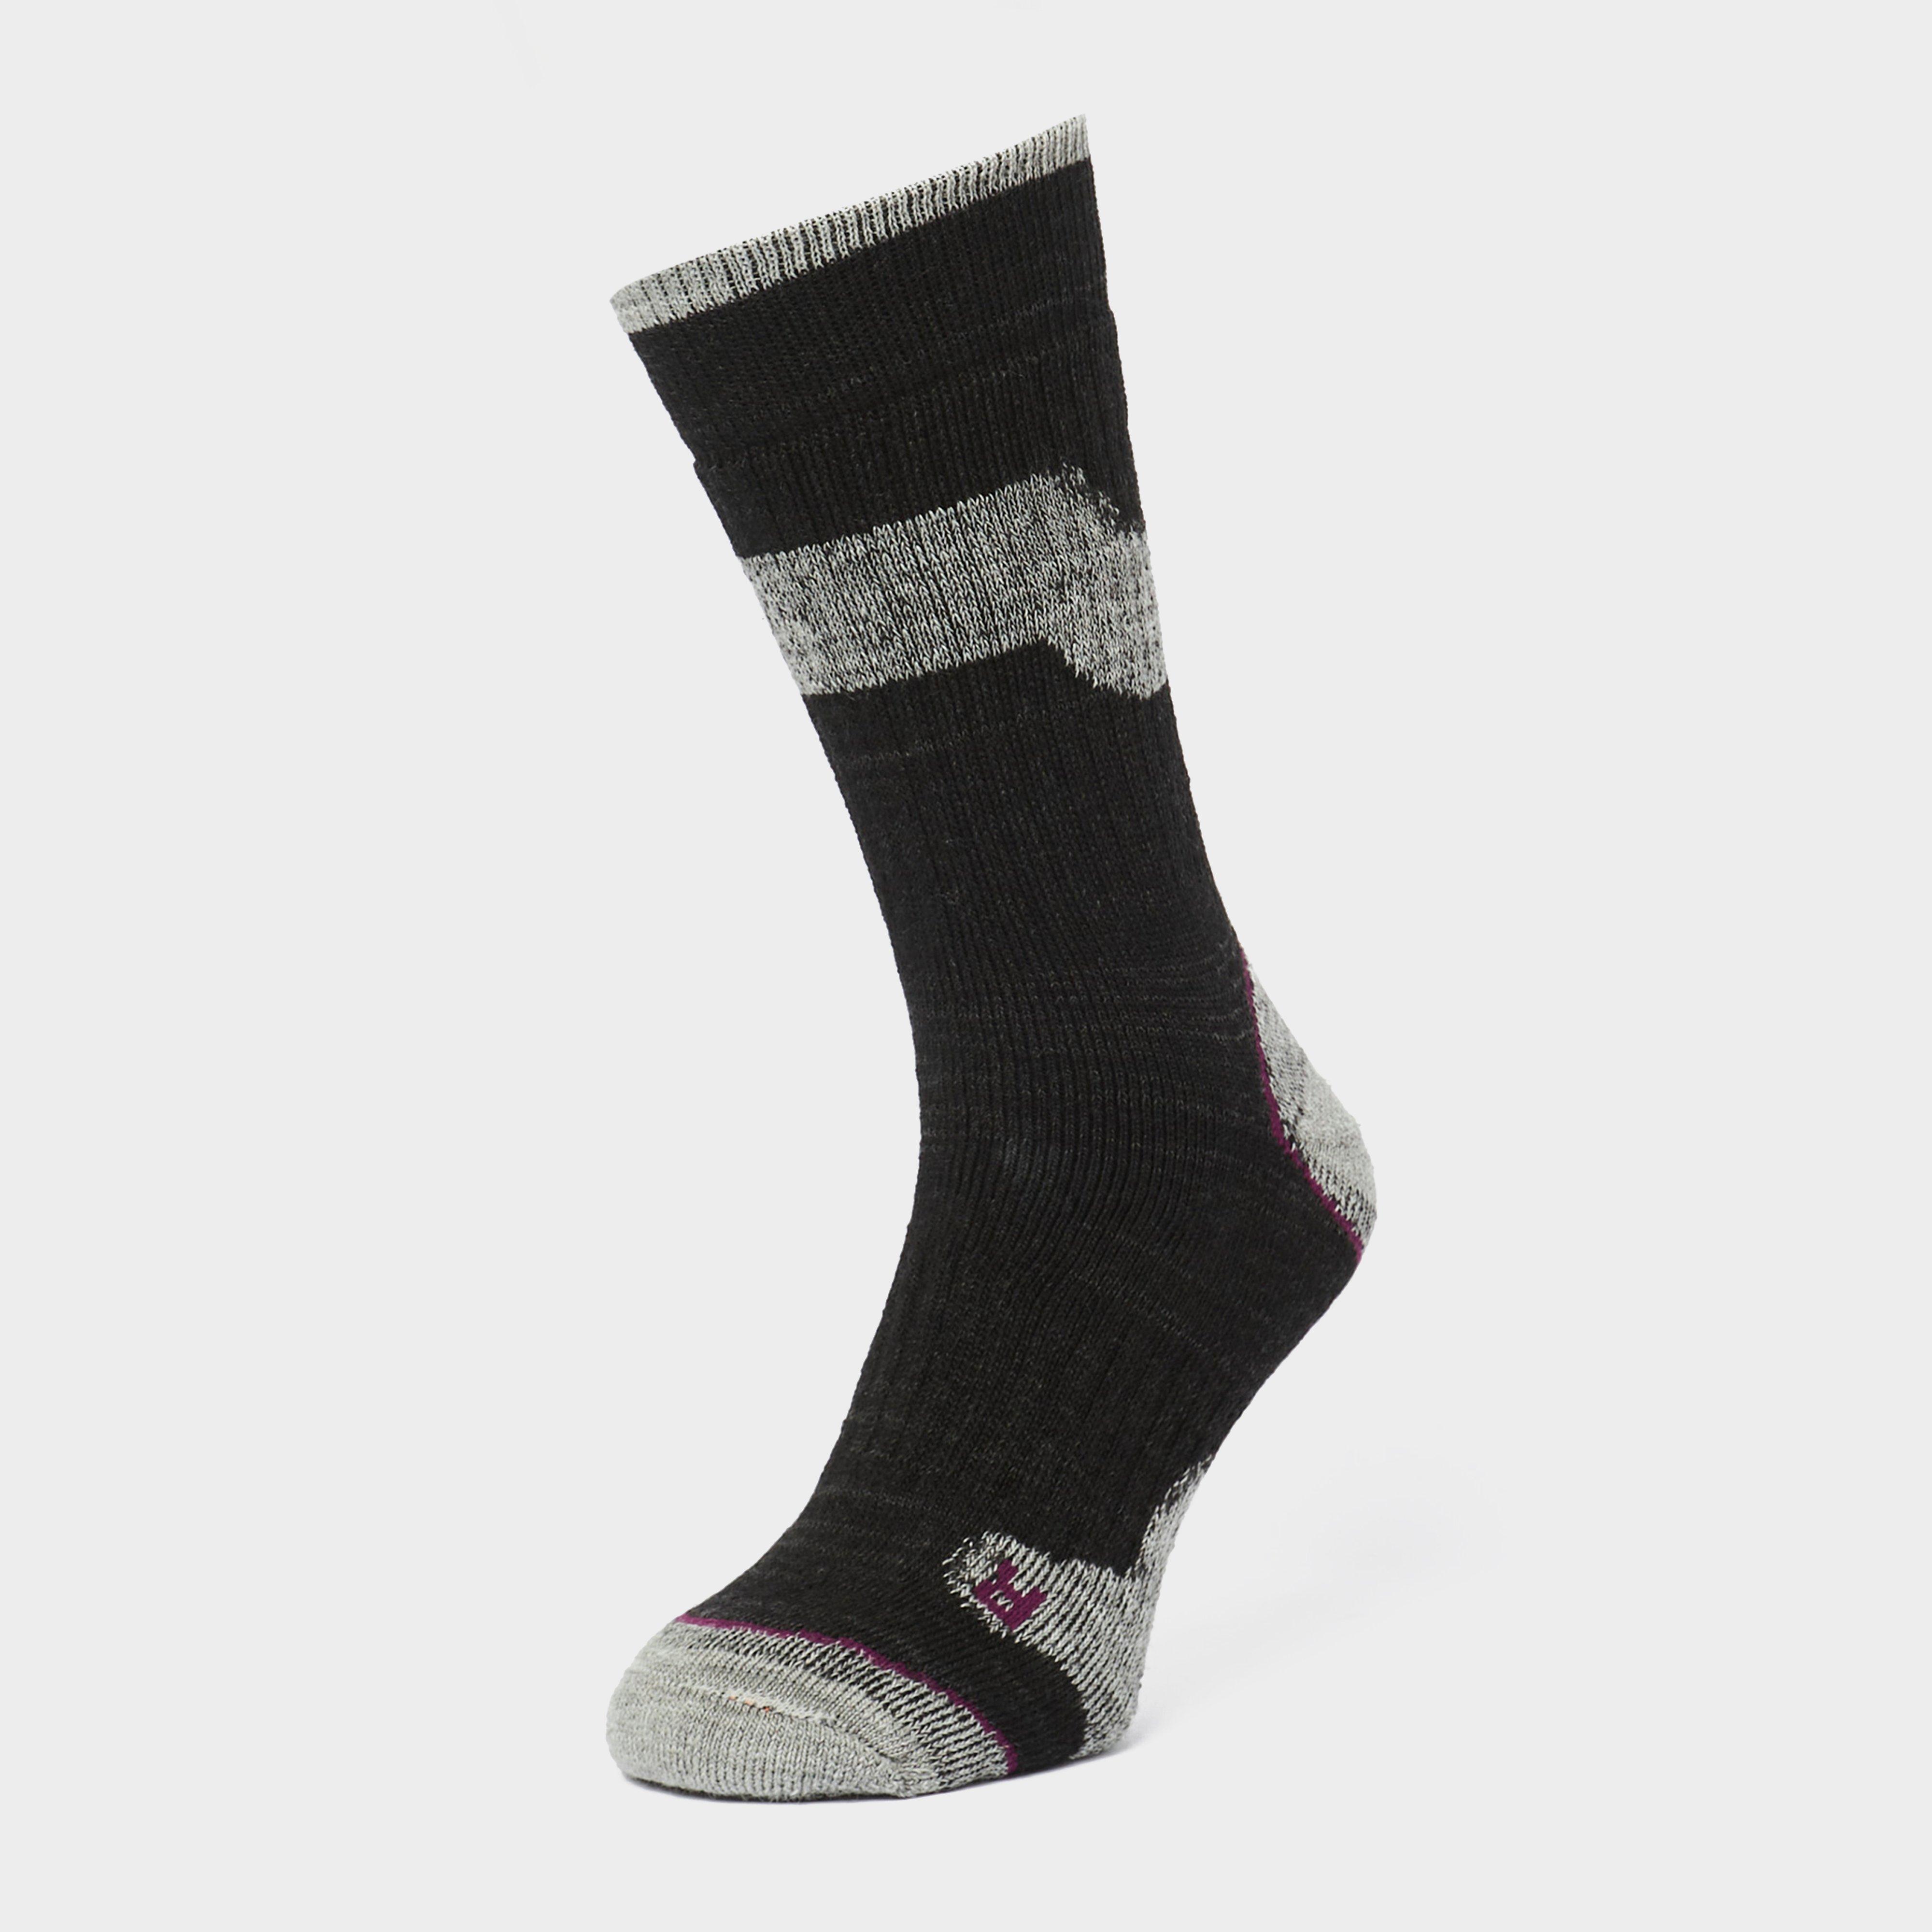 Brasher Womens Trekker Plus Socks - Black/pur  Black/pur